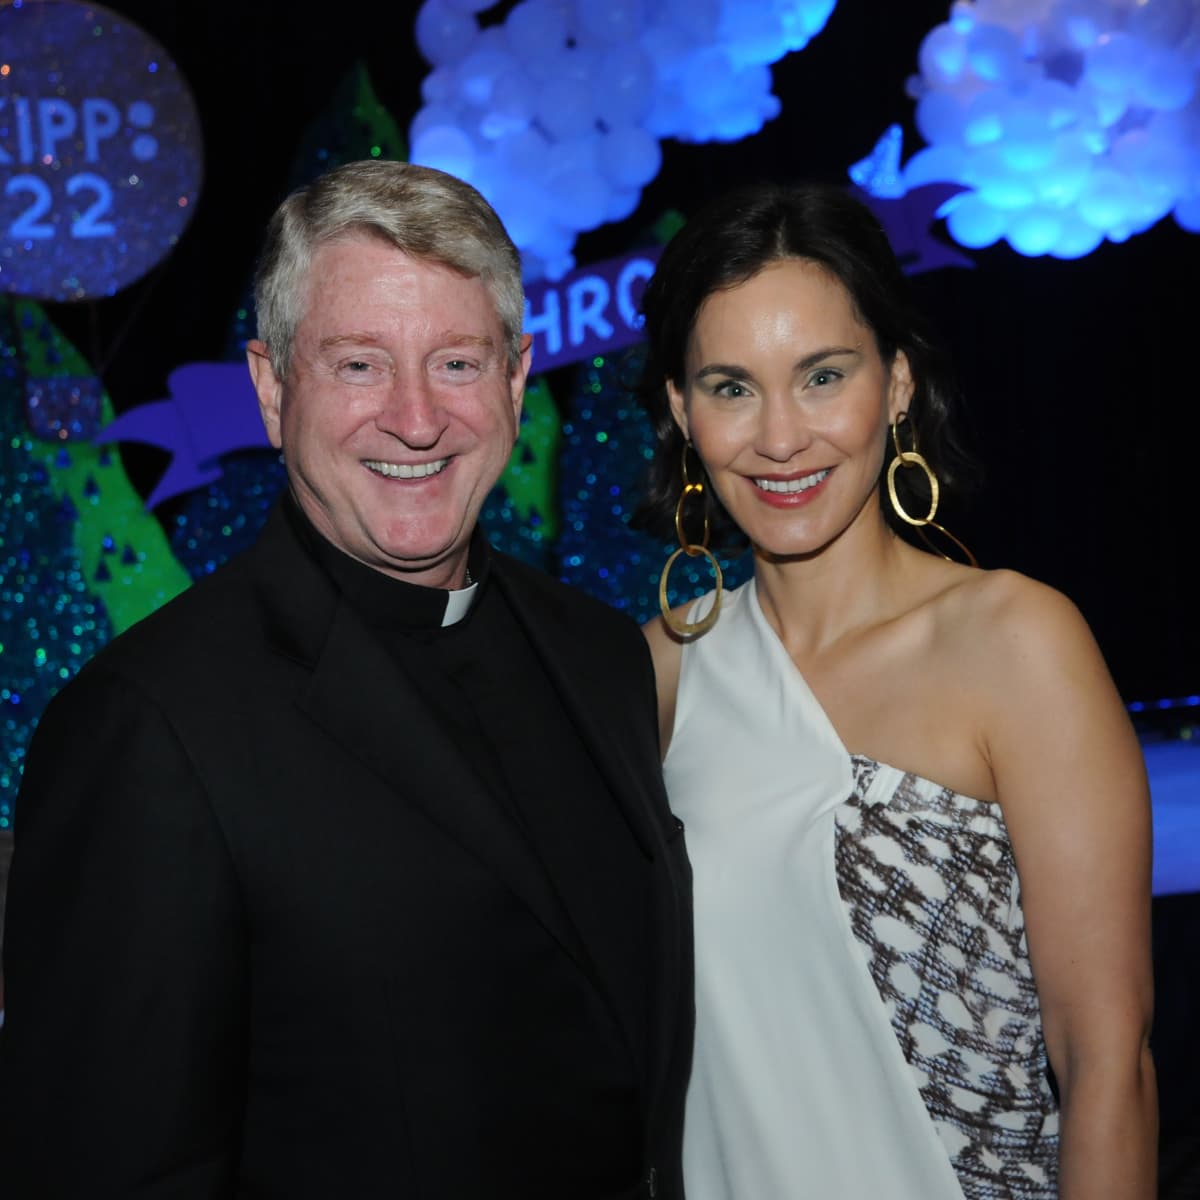 KIPP Houston dinner 4/16, The Rev. Daniel Lahart, Laura Arnold